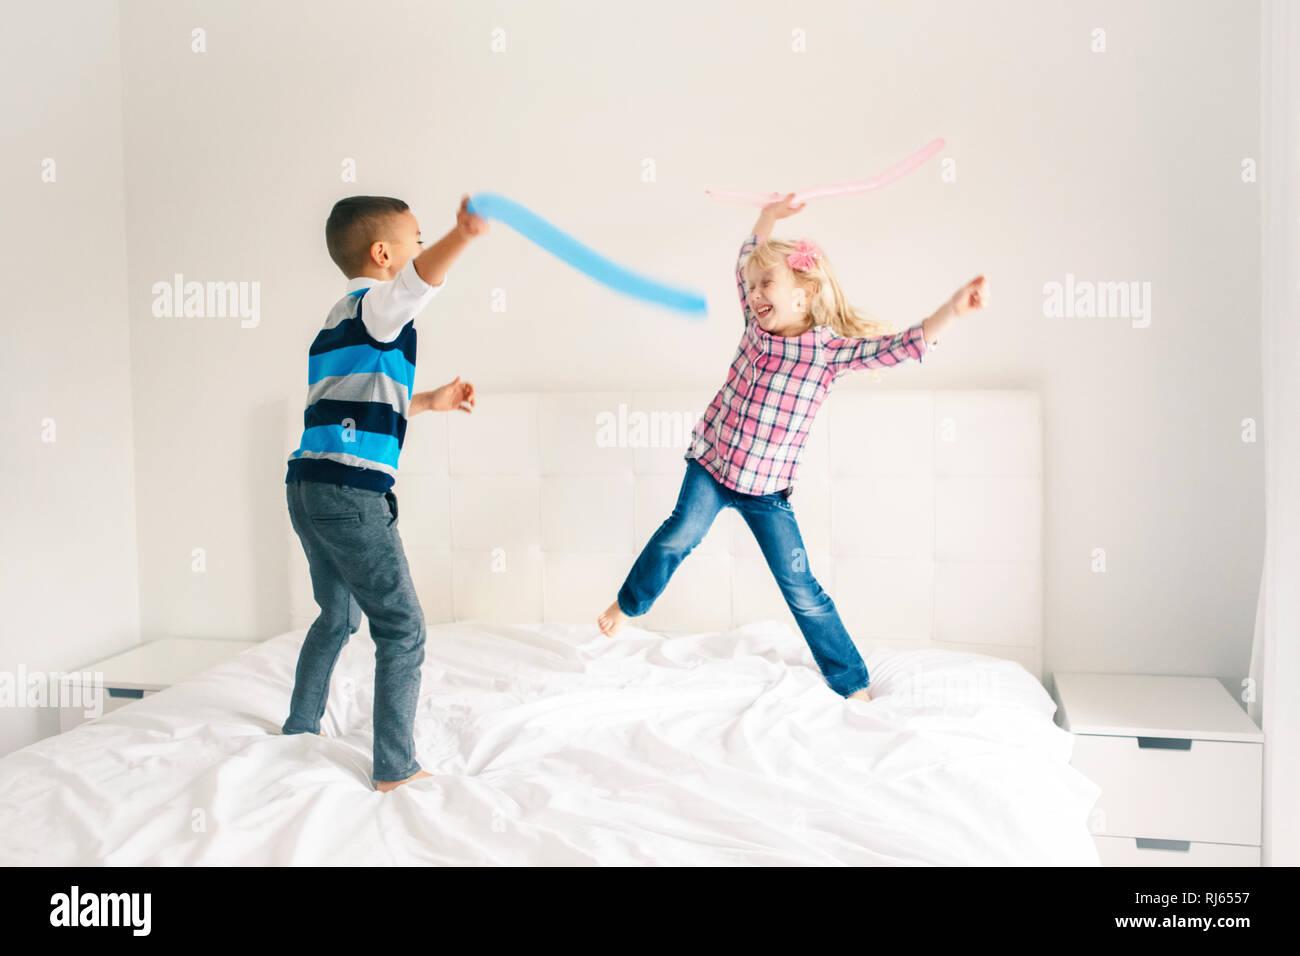 Zwei Kaukasischen Cute Adorable Lustig Kinder Springen Auf